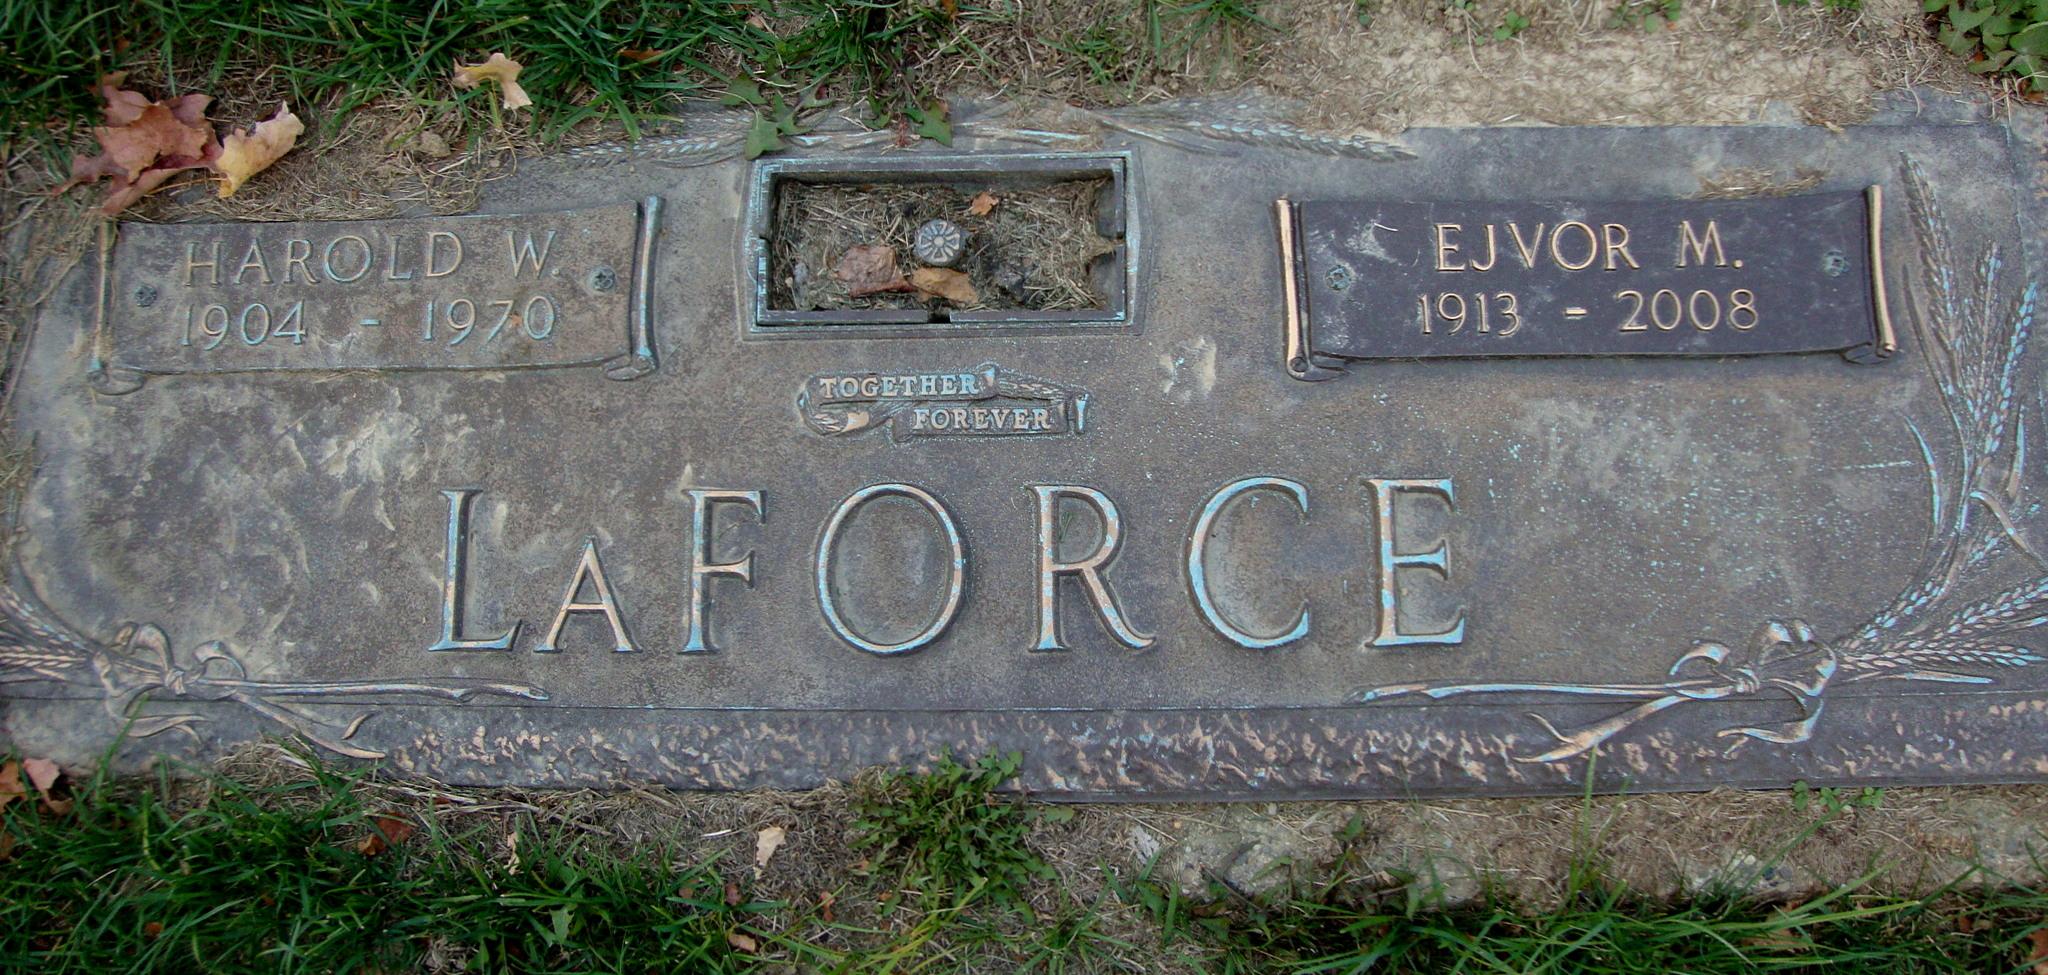 Harold William Laforce